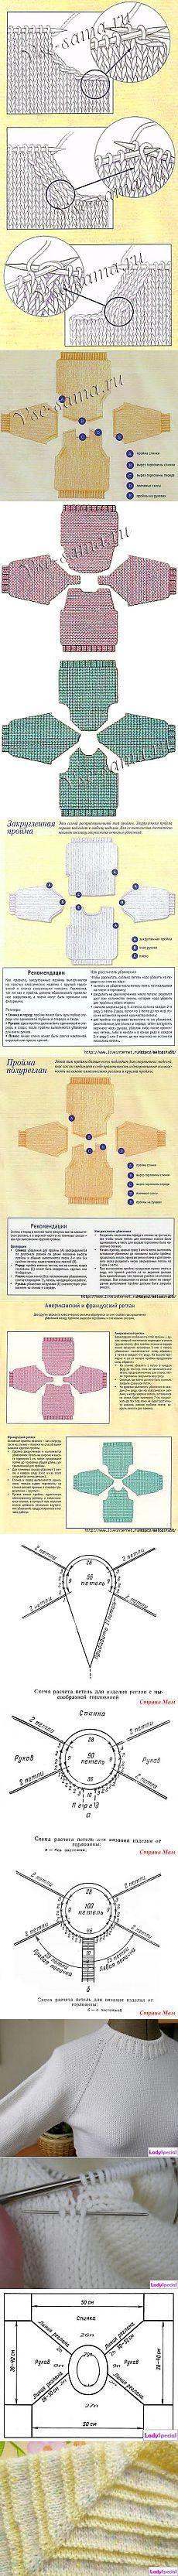 Маргарита Боркина: Вязание -все о реглане,вывязывании и обработка горловины и рукава | Постила